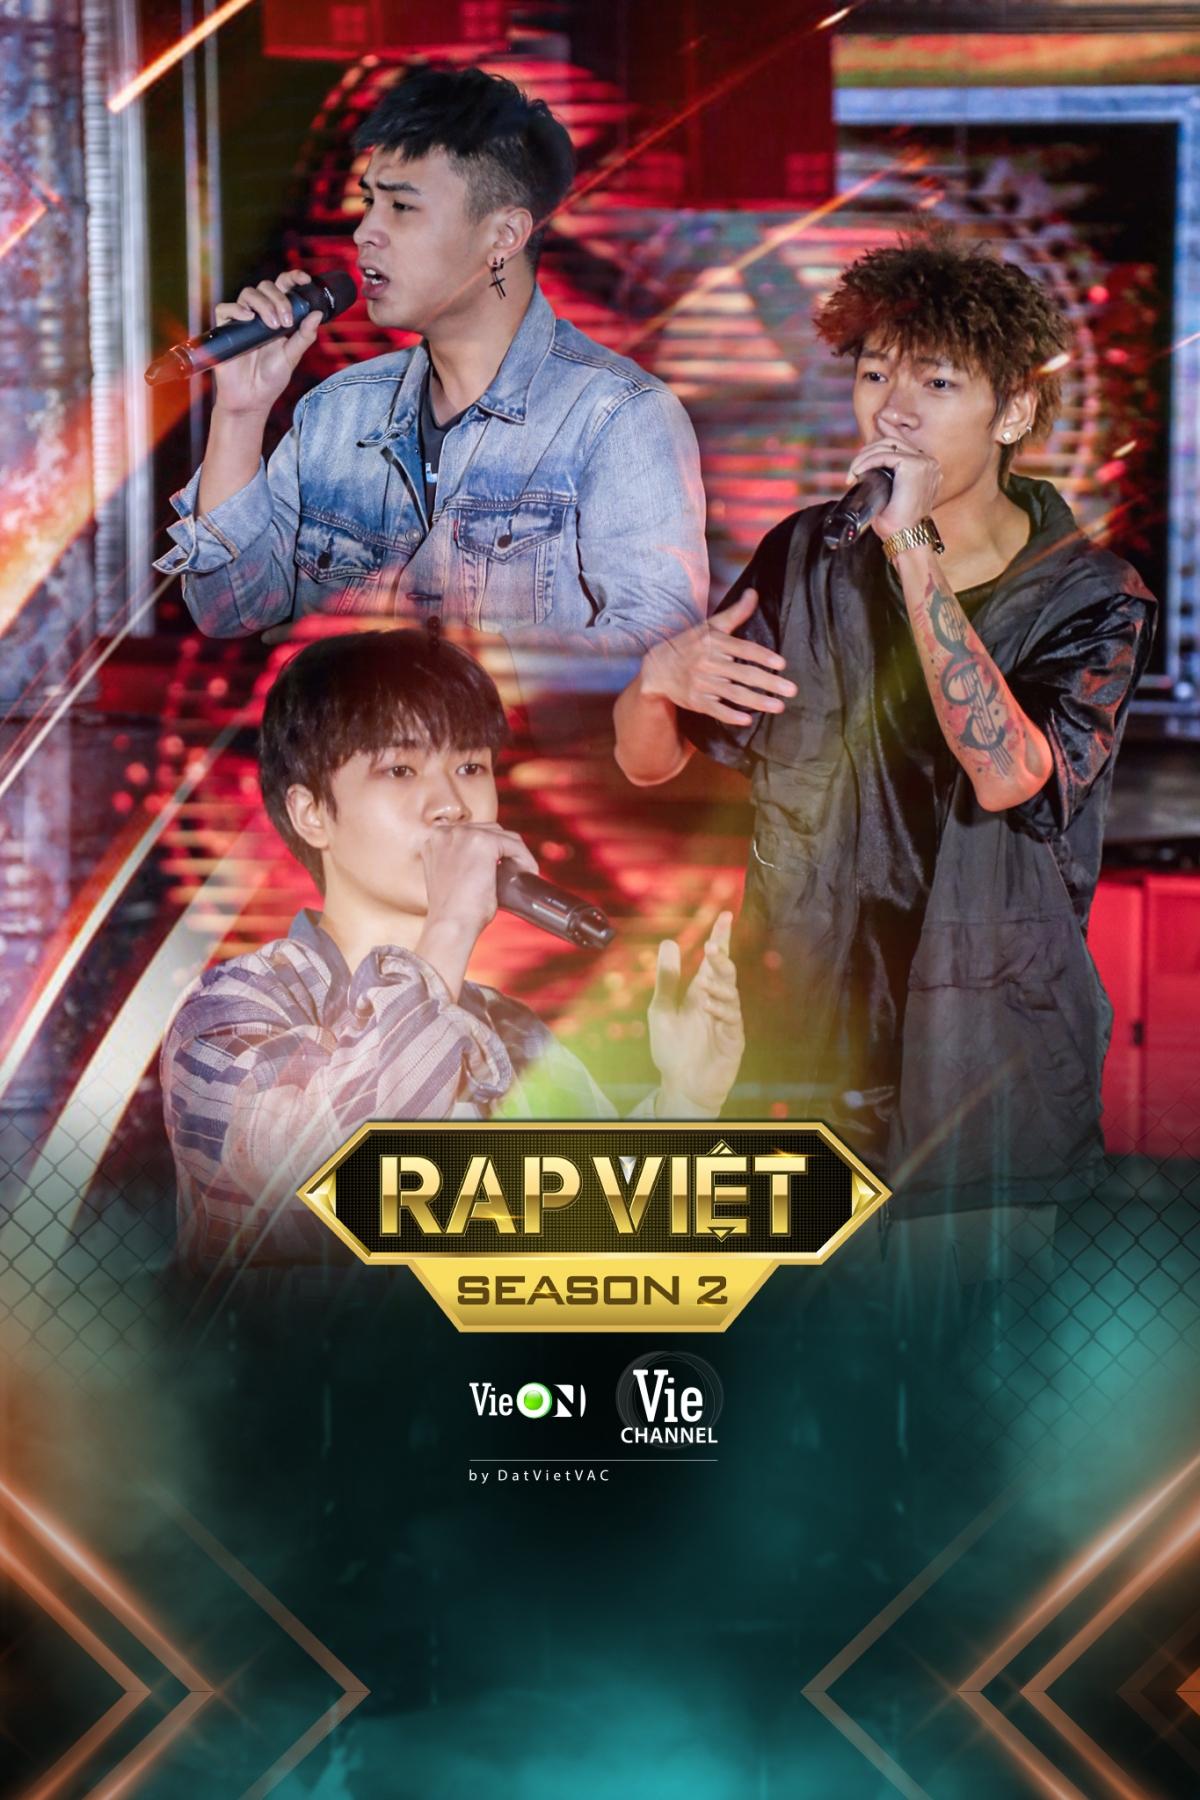 Dàn thí sinh tiềm năng lộ diện tại Rap Việt mùa 2.